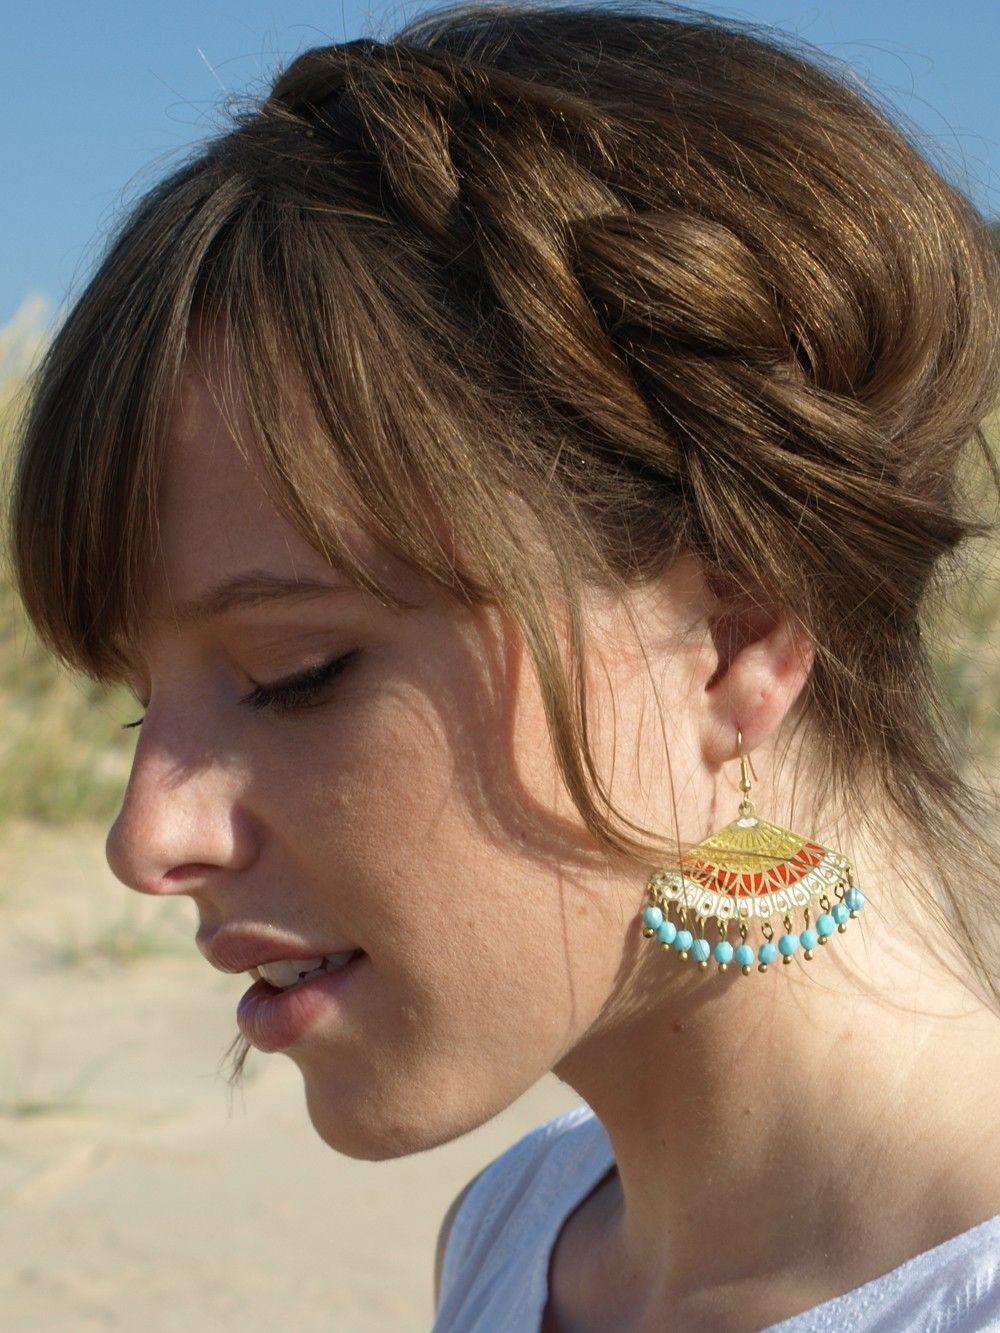 Rococo earrings